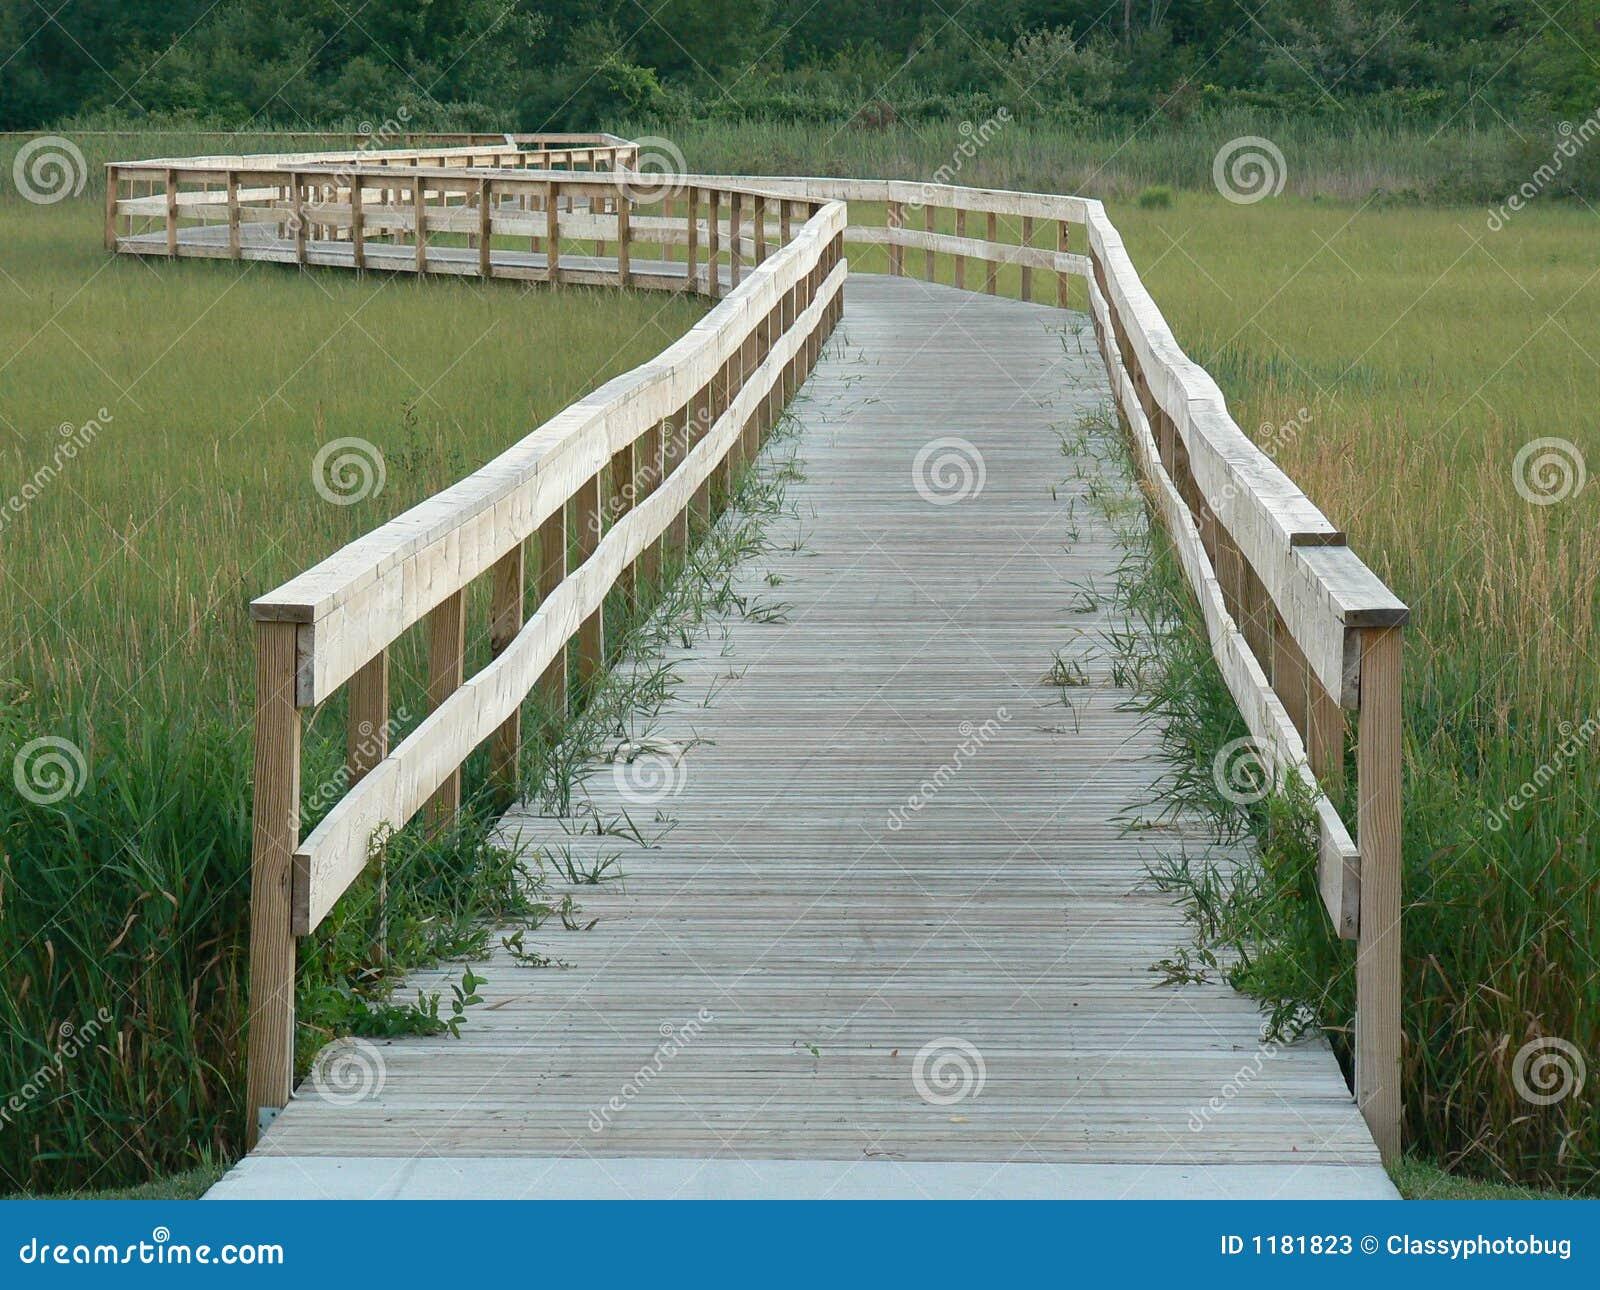 Michigan walkway wooden